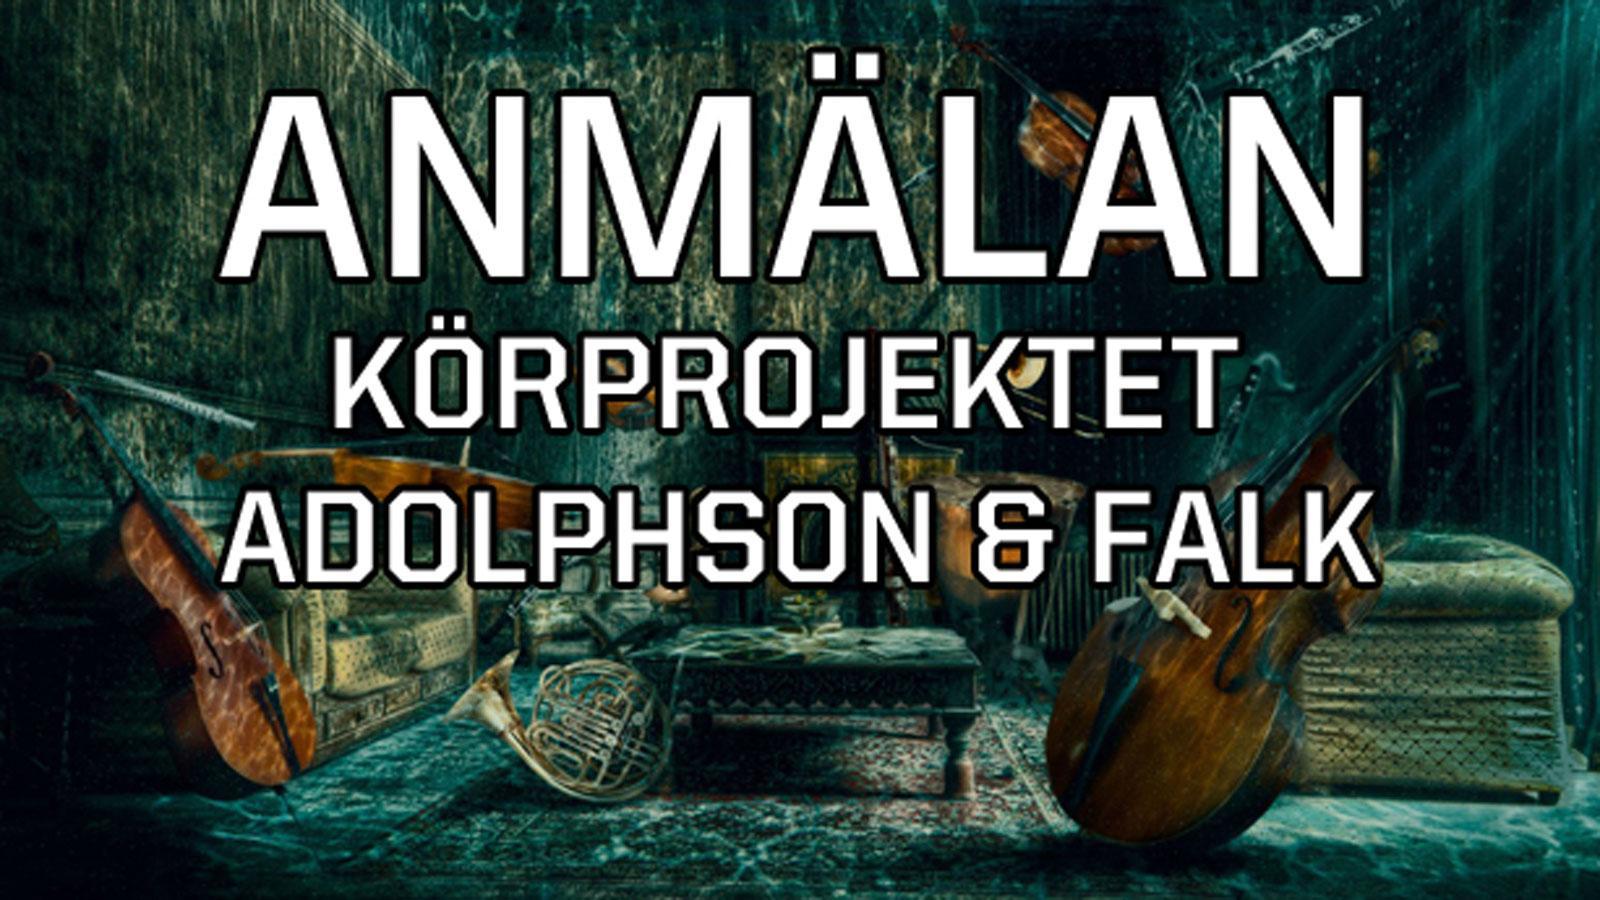 Adolphson & Falk - Anmälan